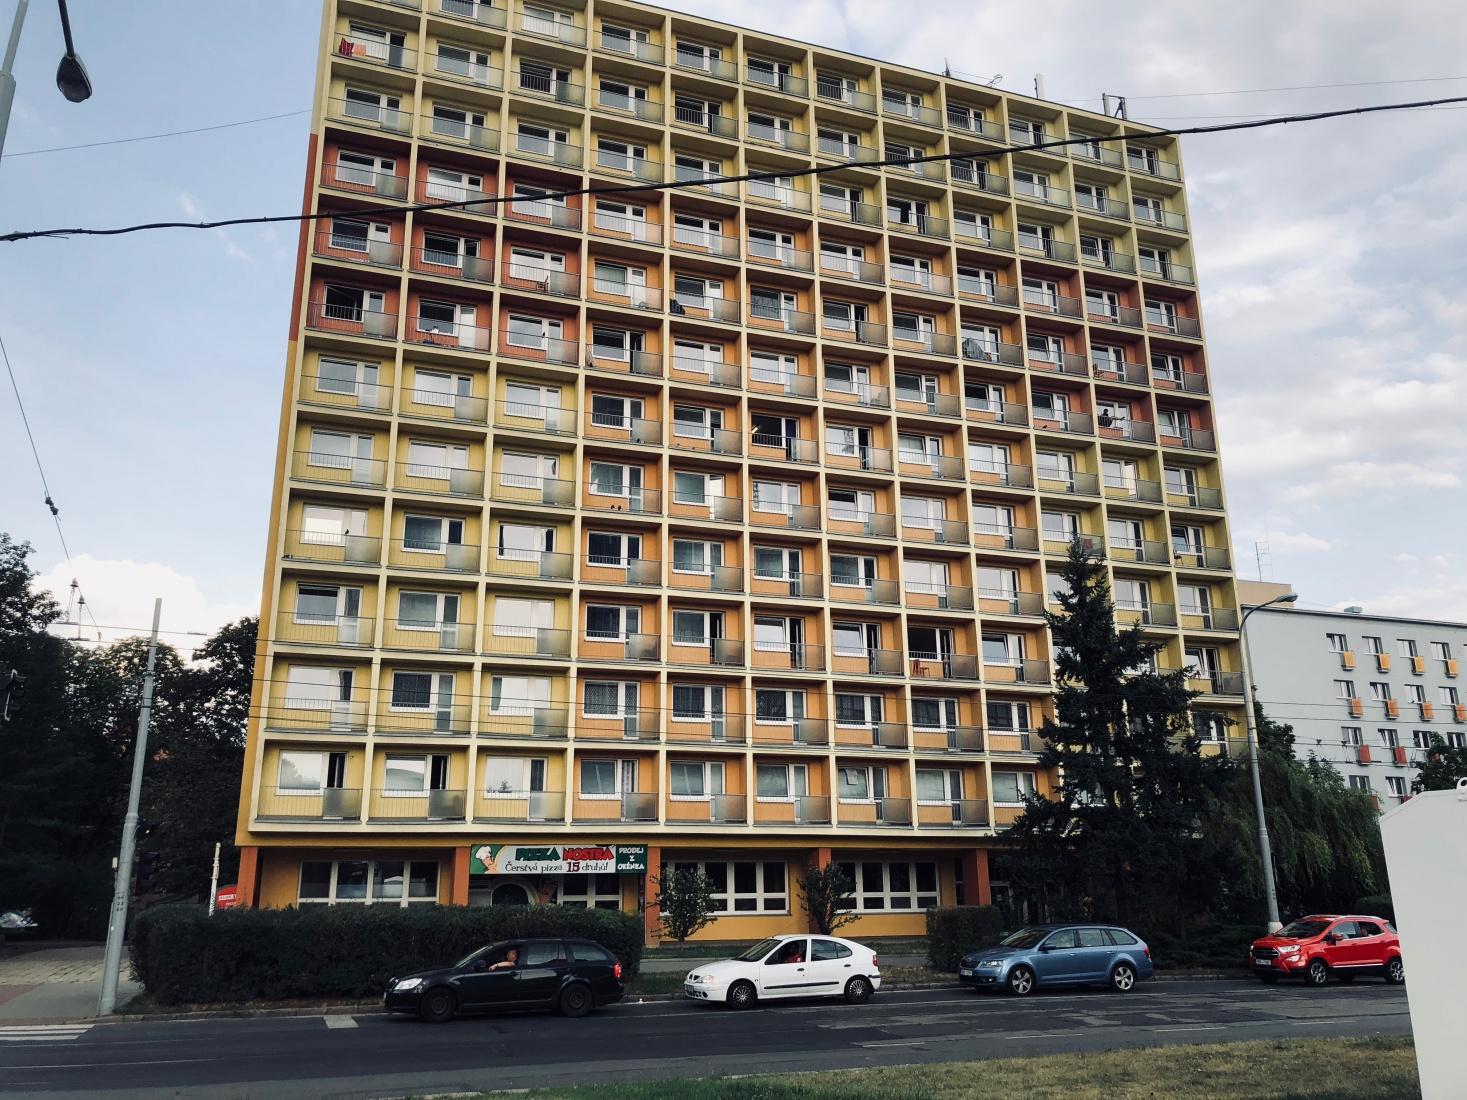 An old dorm building, the Družba, now renamed Kounicova, in July 2018, in Brno, Czech Republic.